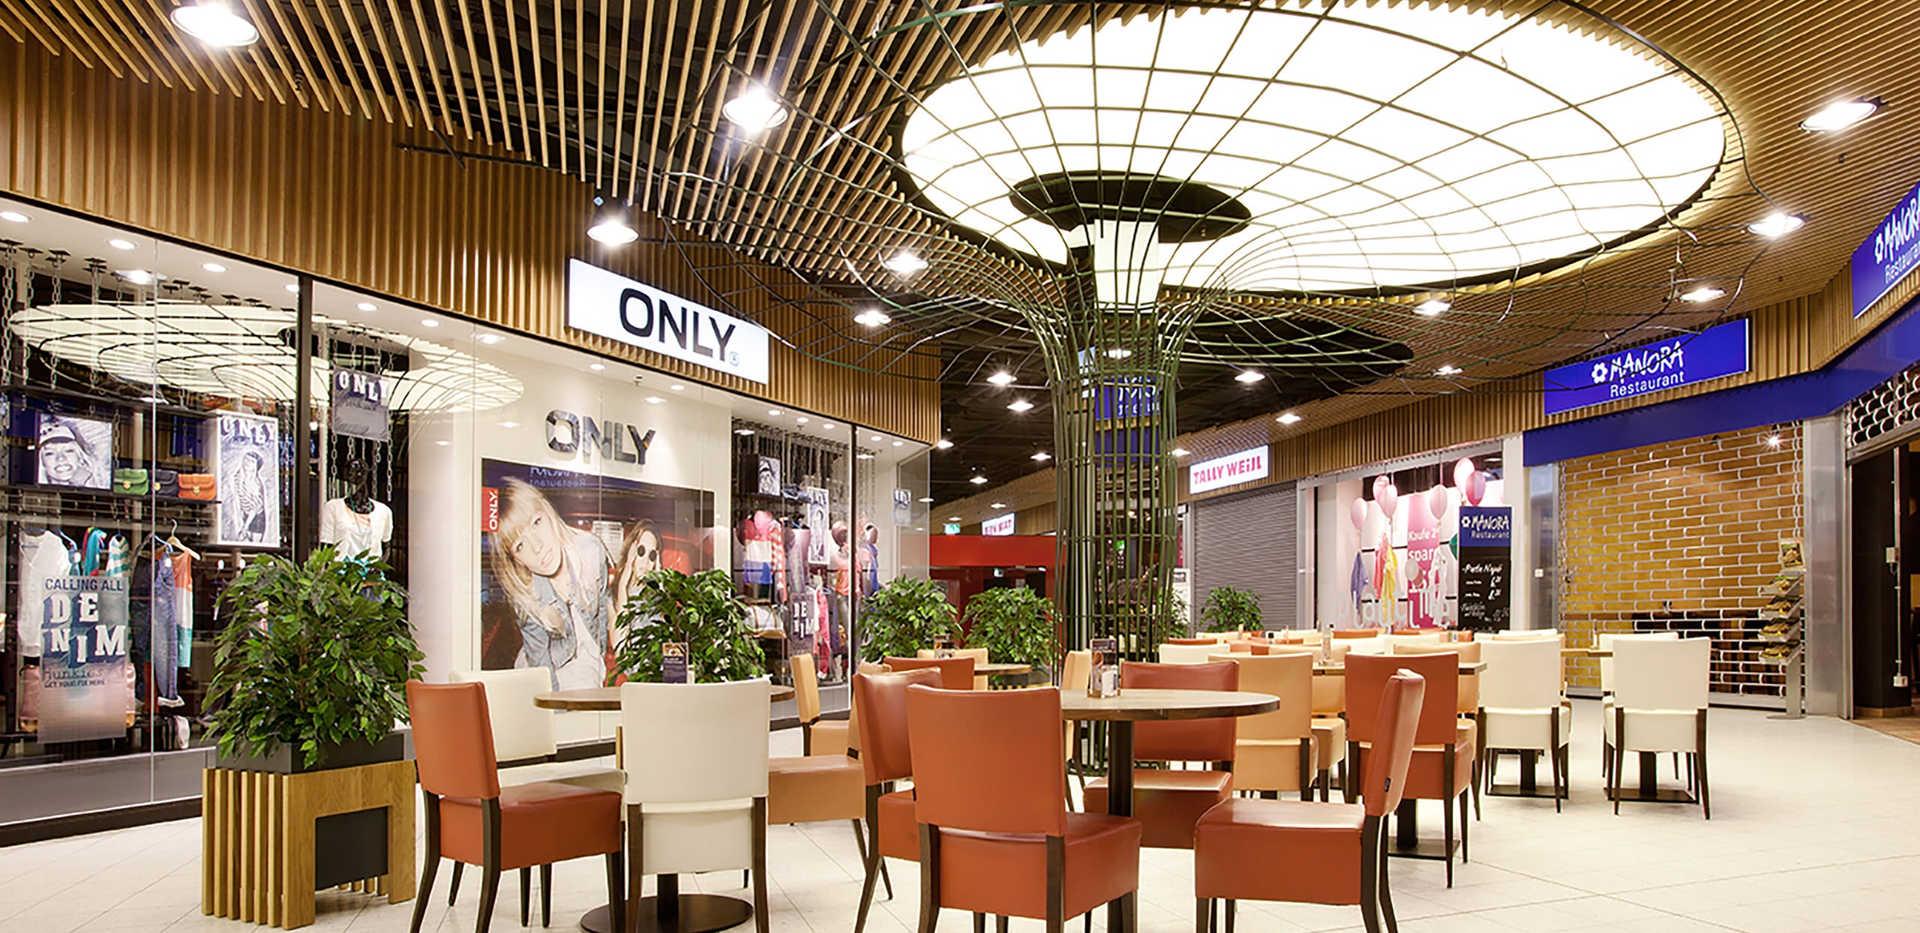 st-jakobs-shopping-027-9e25a867.jpg